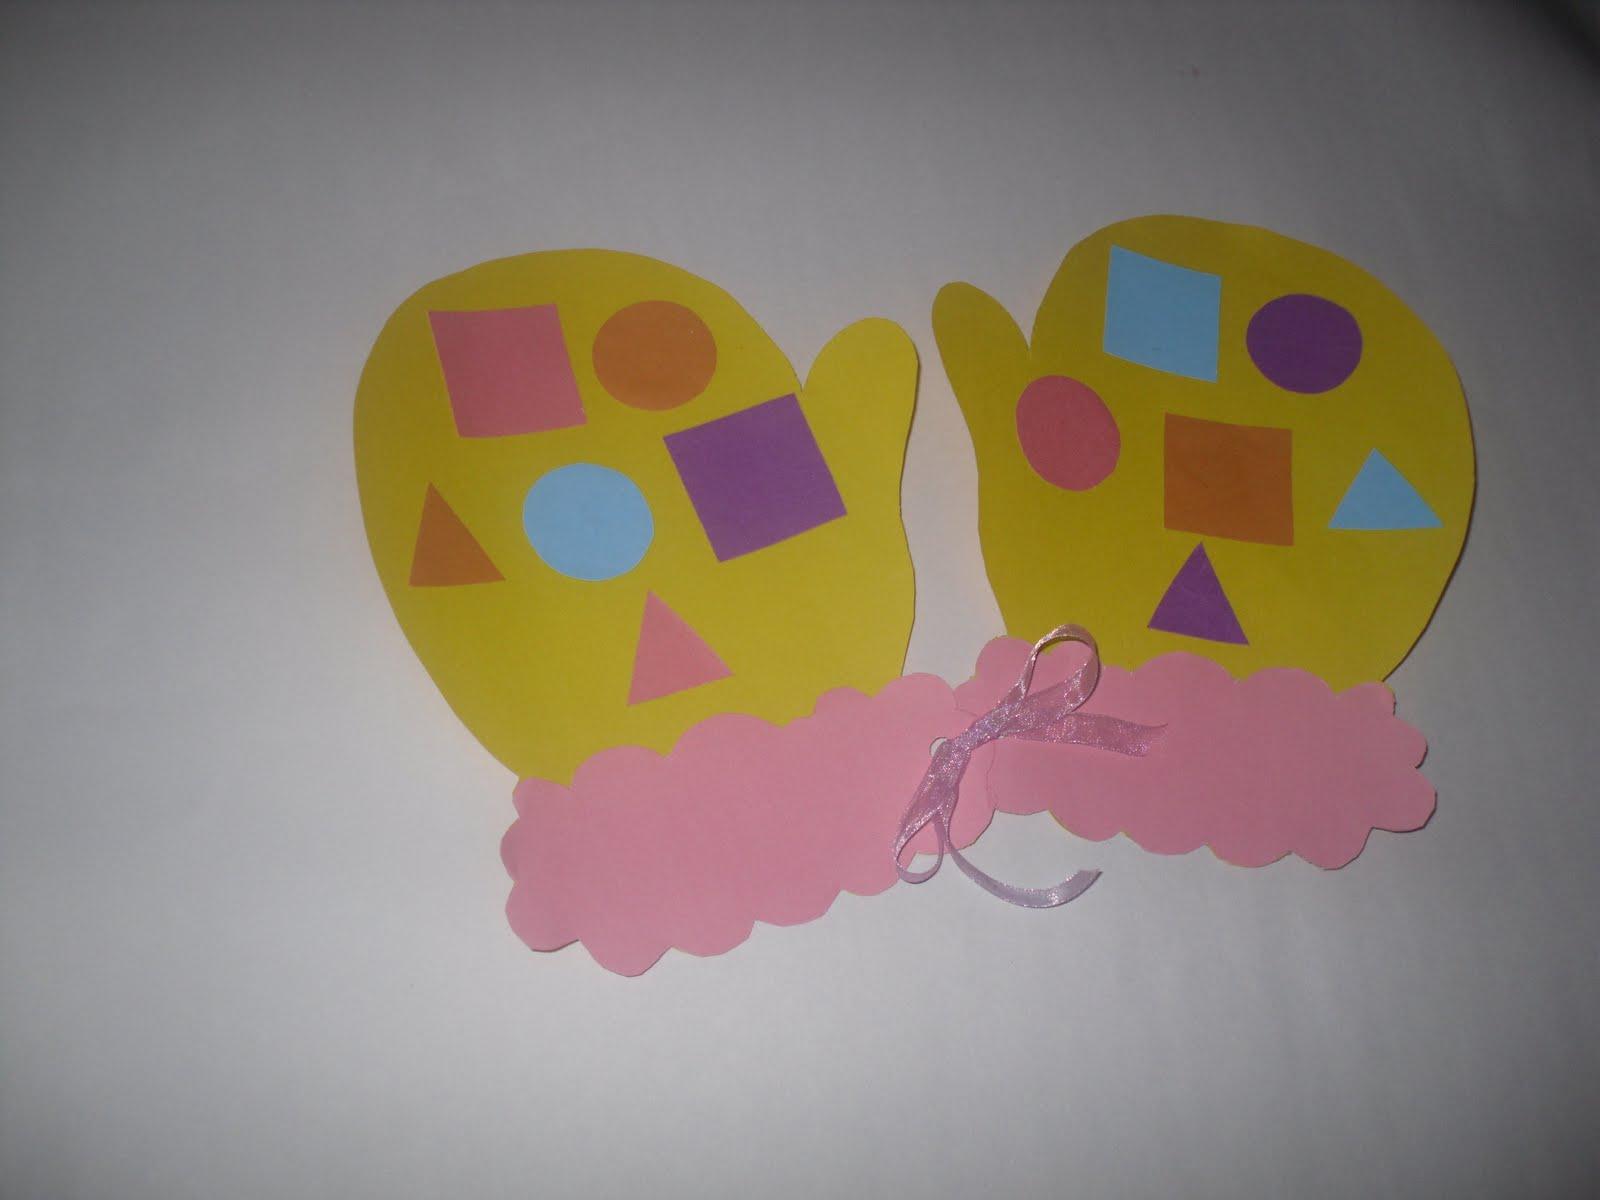 mittens crafts